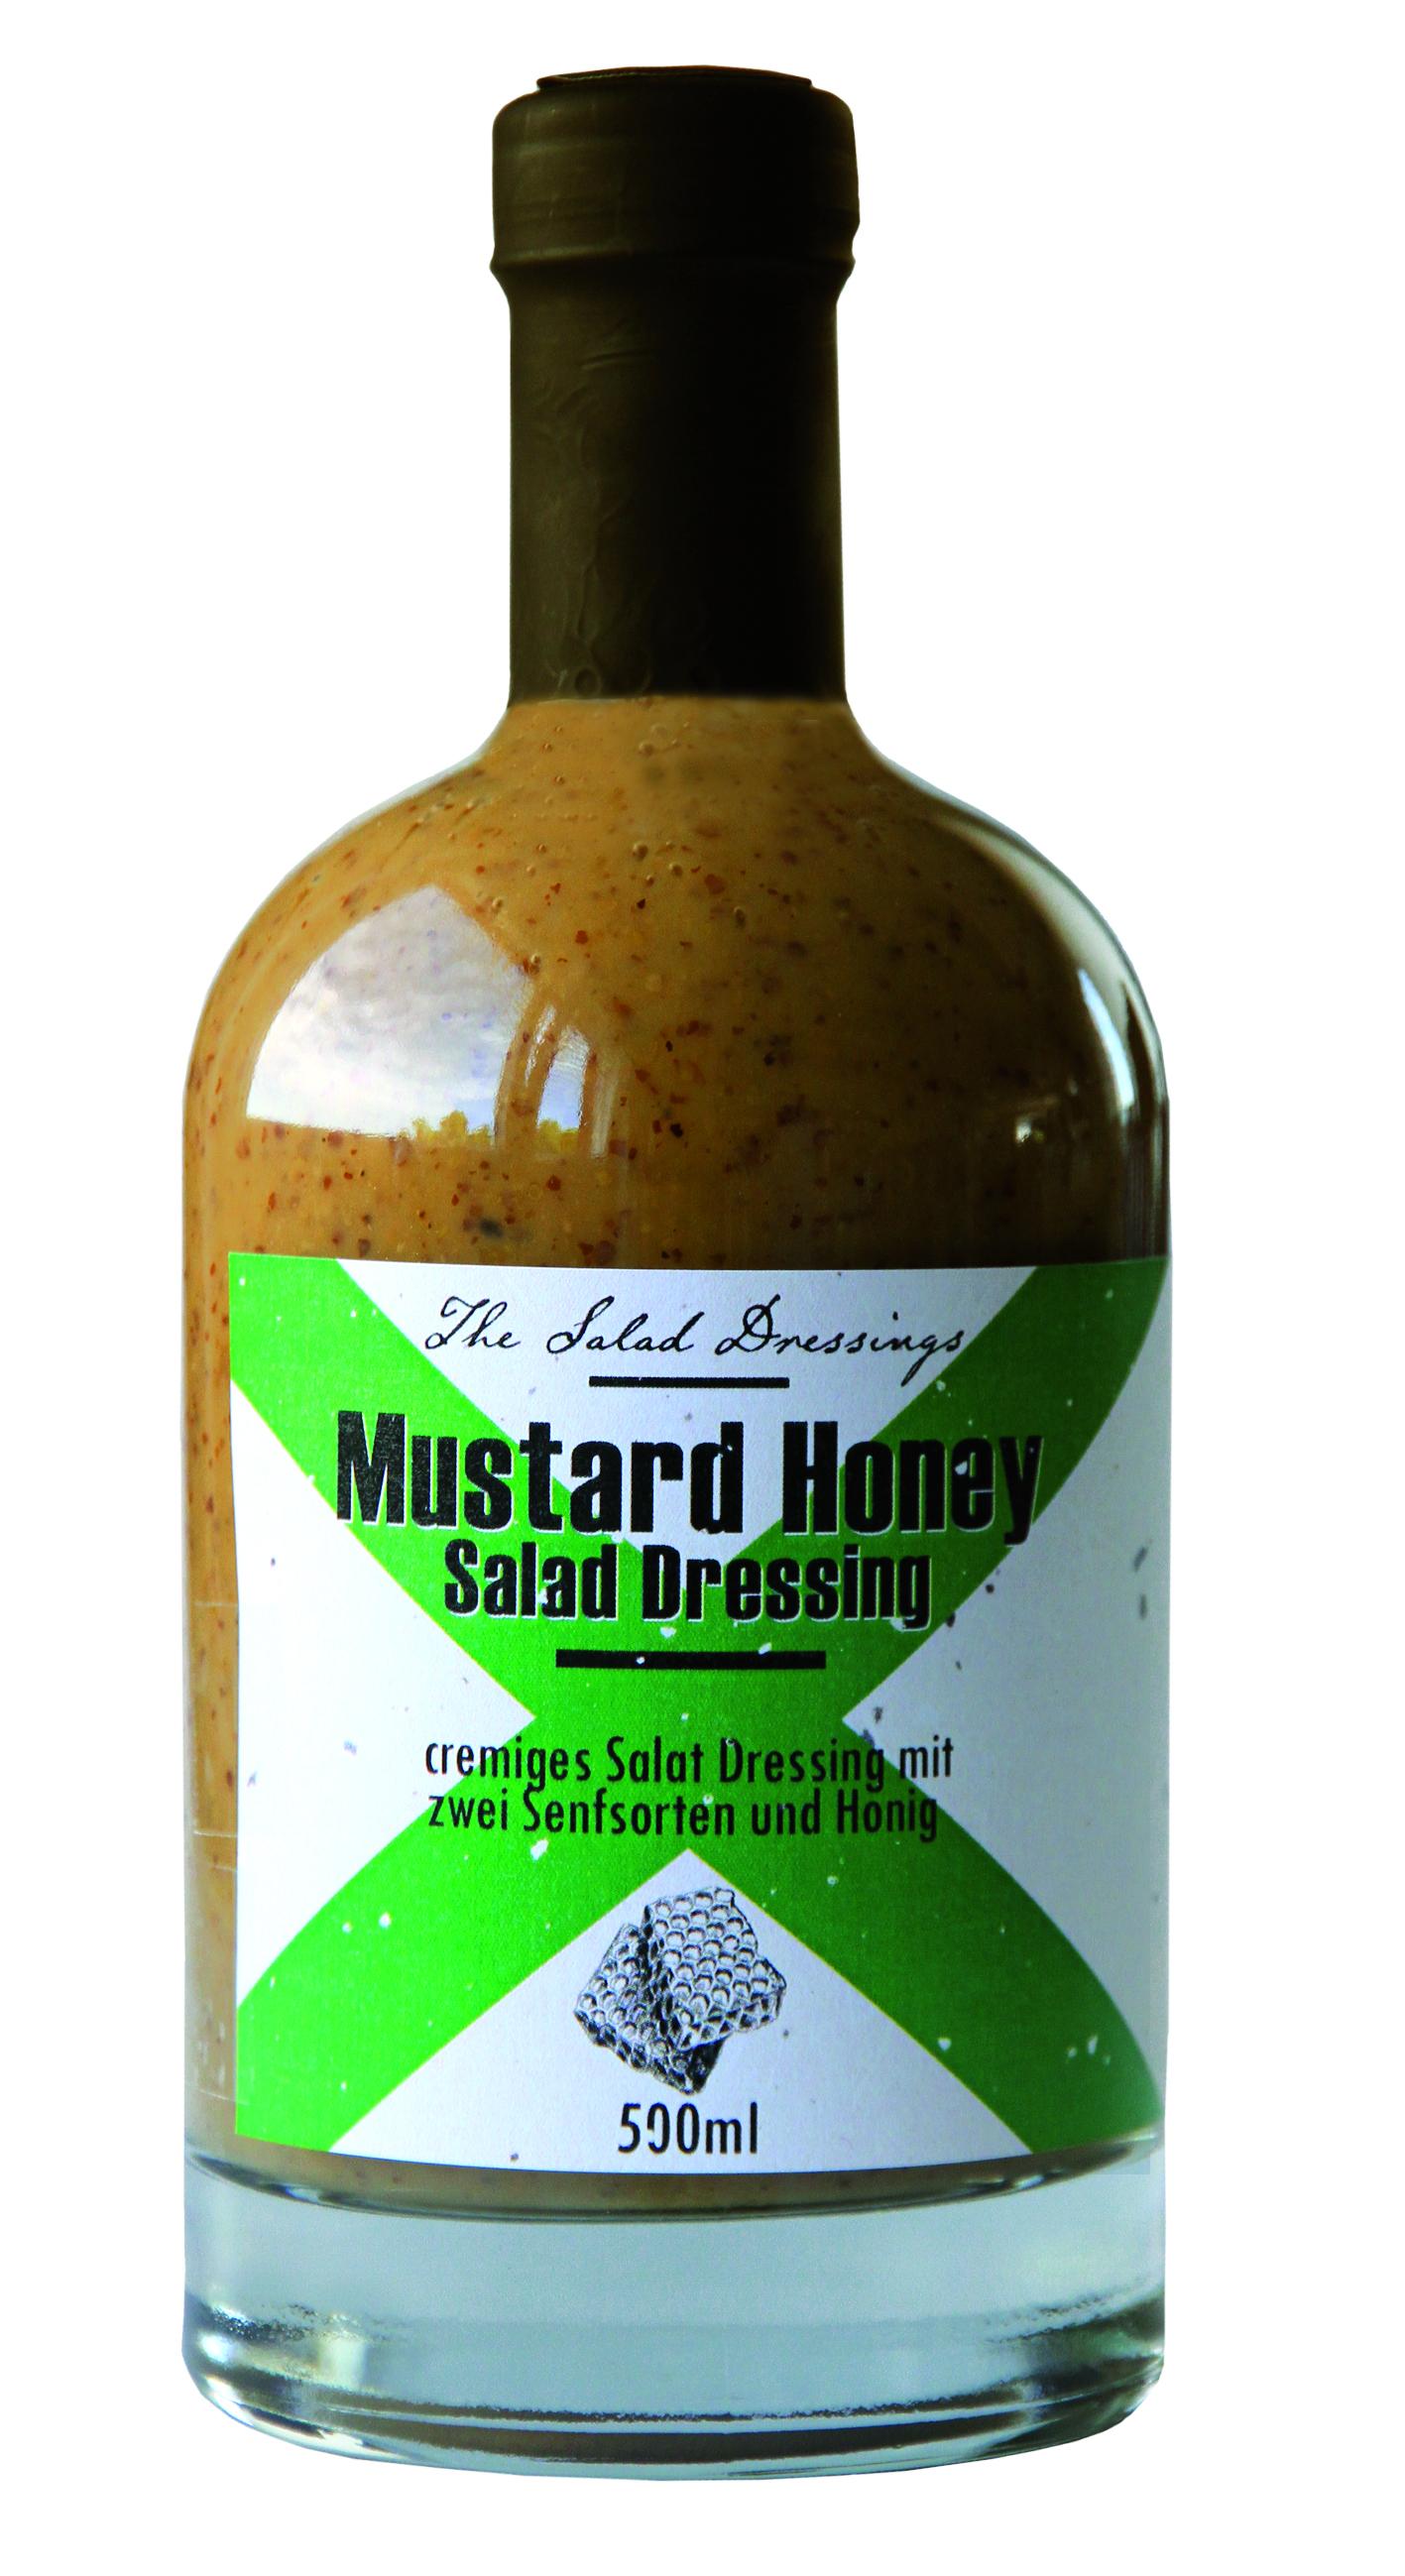 Mustard Honey Salad Dressing 500 ml